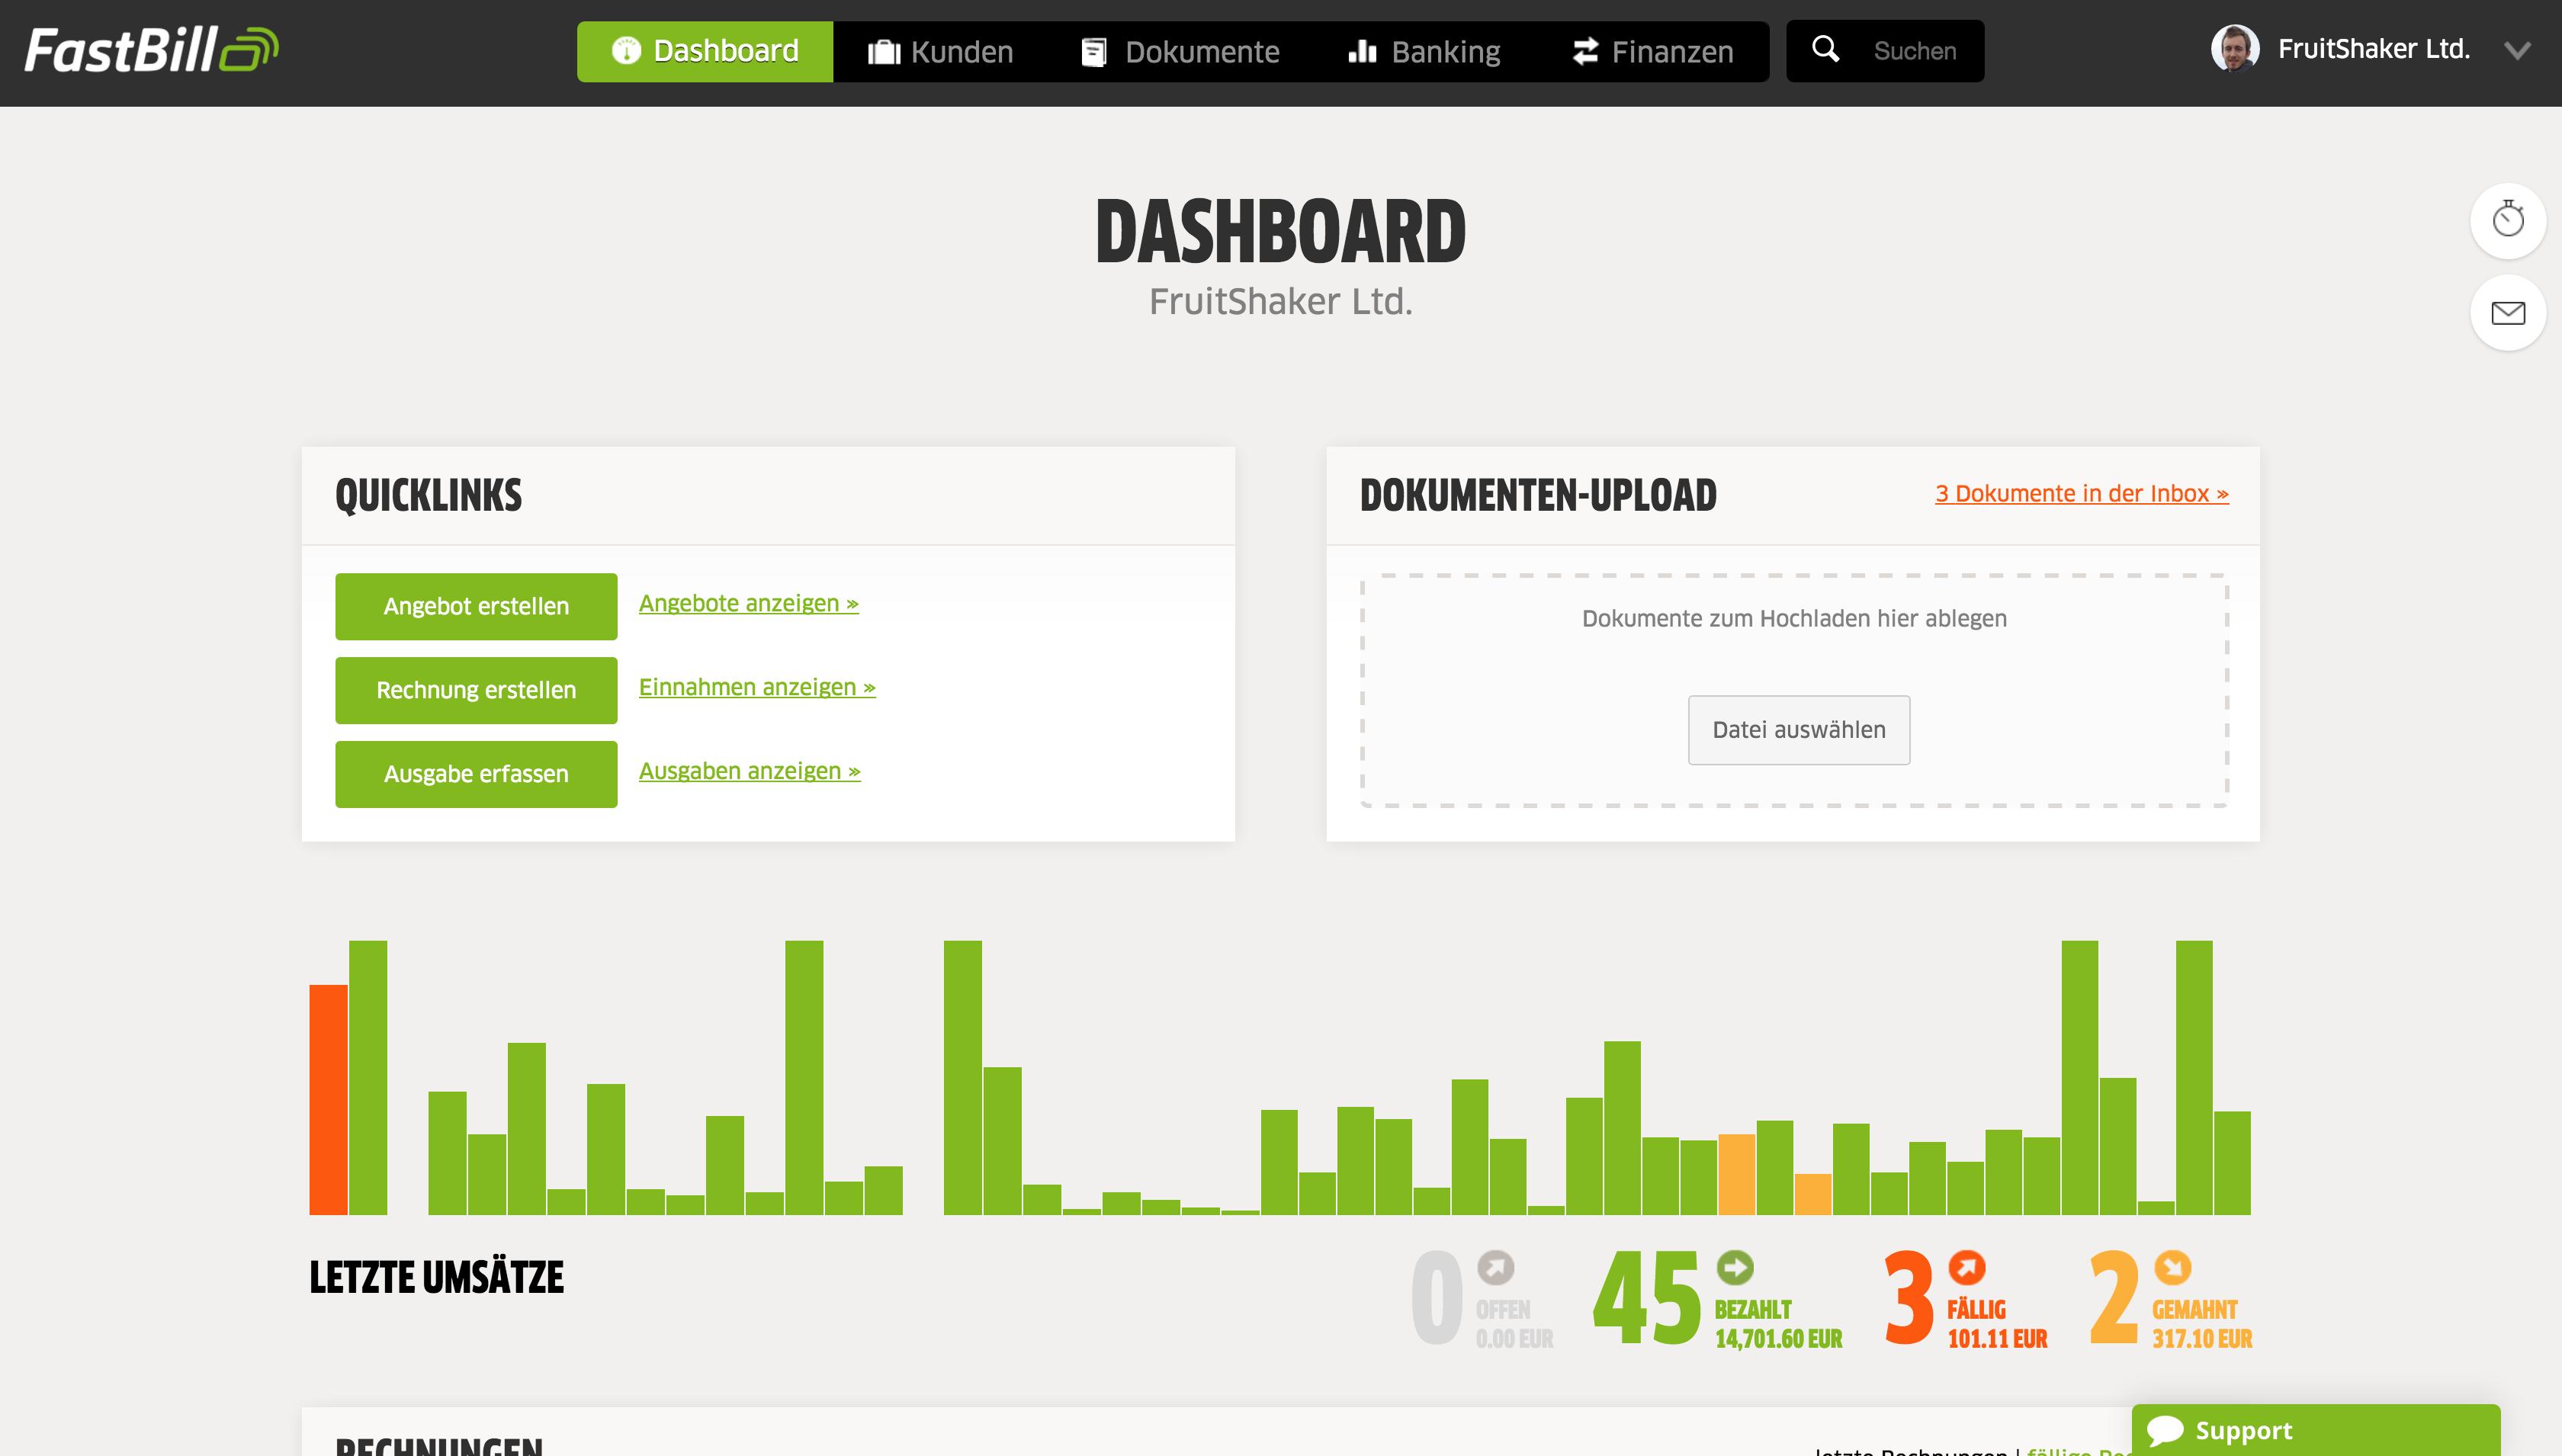 FastBill - Dashboard